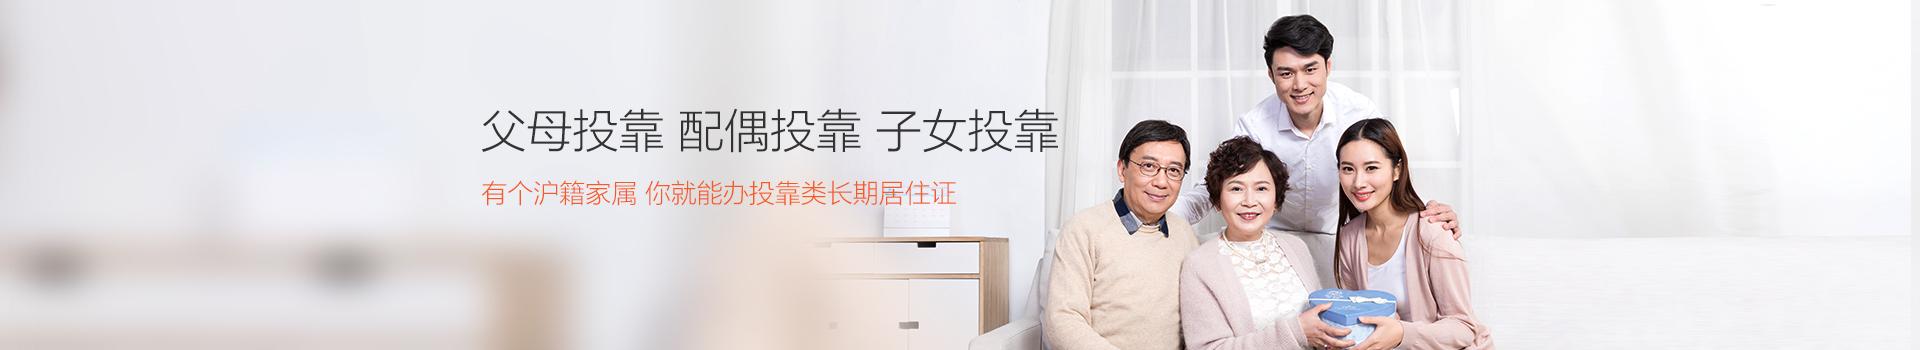 上海市投靠类居住证